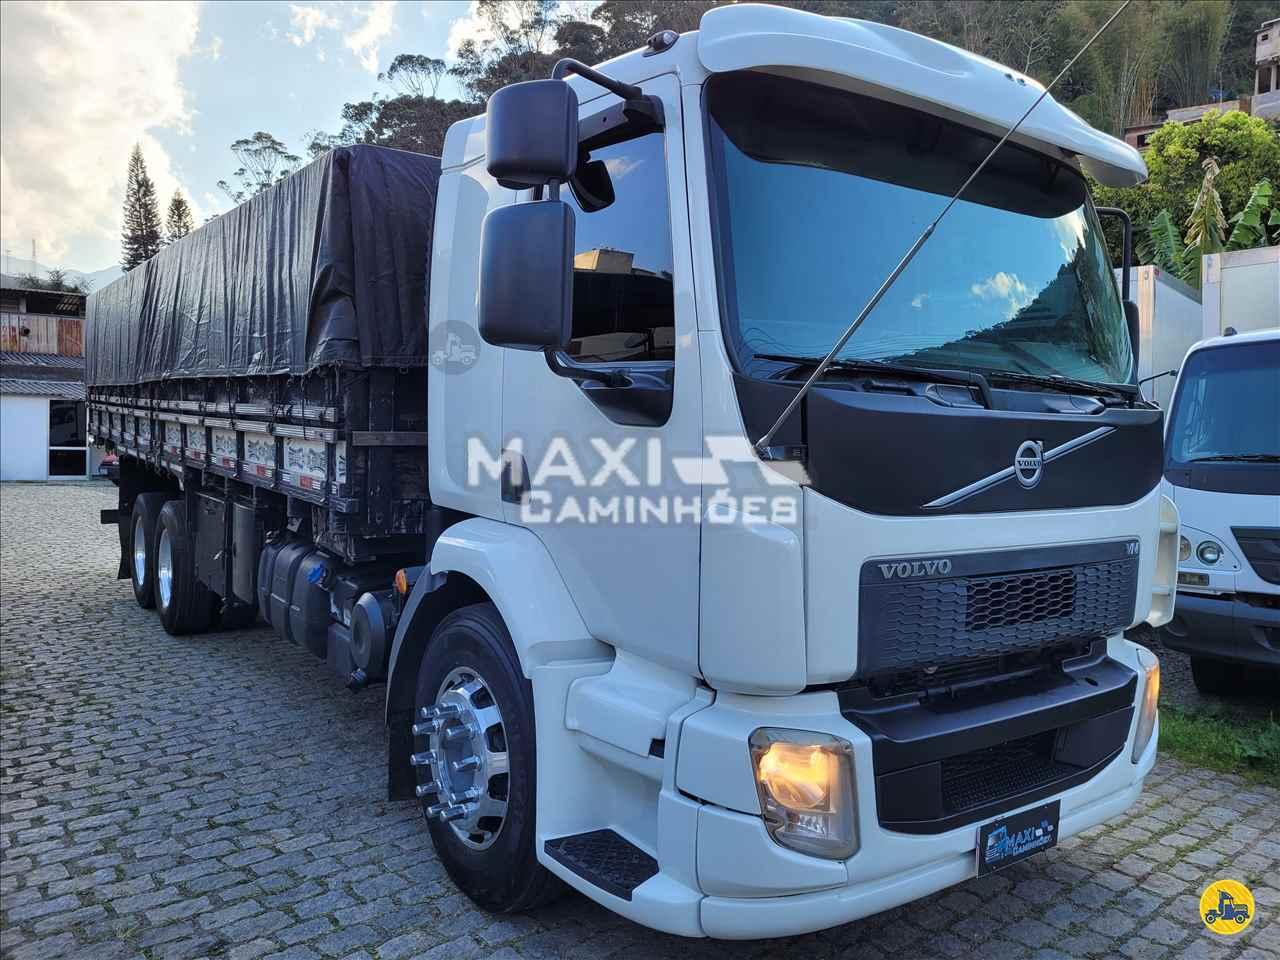 CAMINHAO VOLVO VOLVO VM 270 Graneleiro Truck 6x2 Maxi Caminhões TERESOPOLIS RIO DE JANEIRO RJ